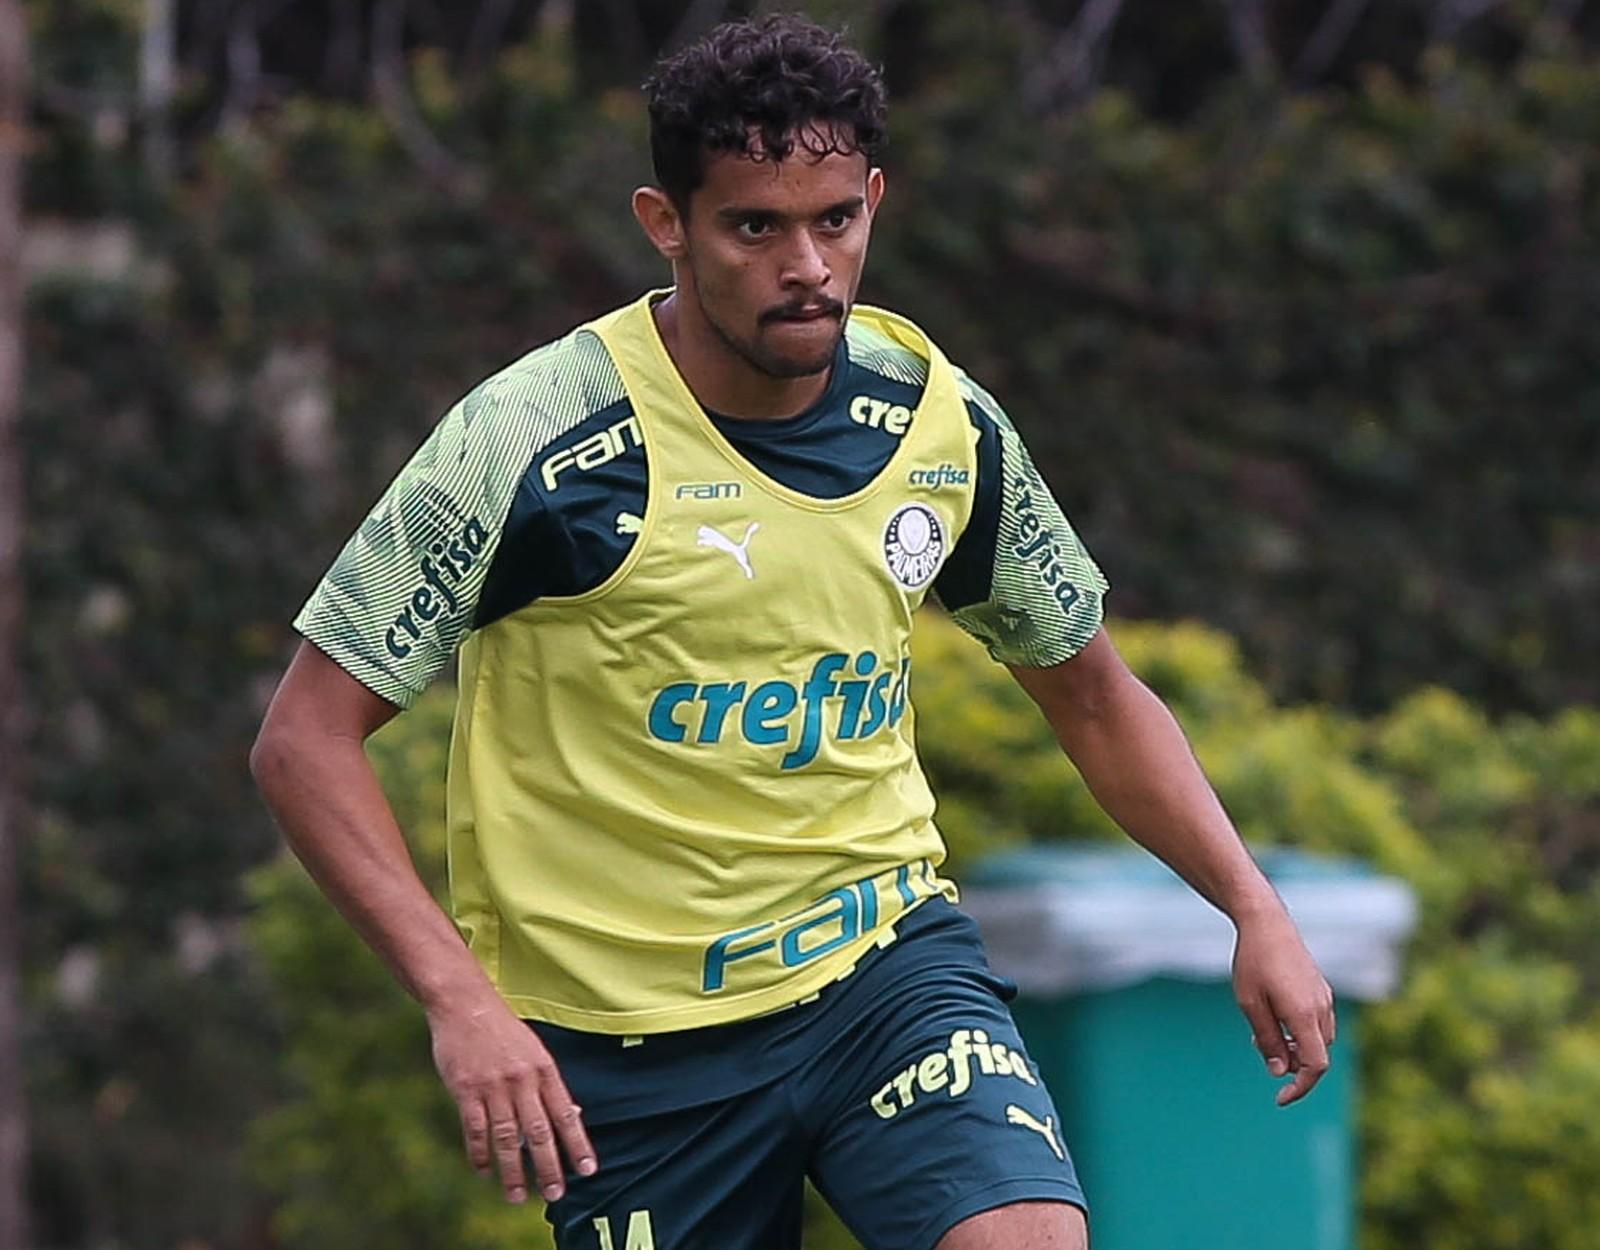 Almería suspende negociação com o Palmeiras por Gustavo Scarpa